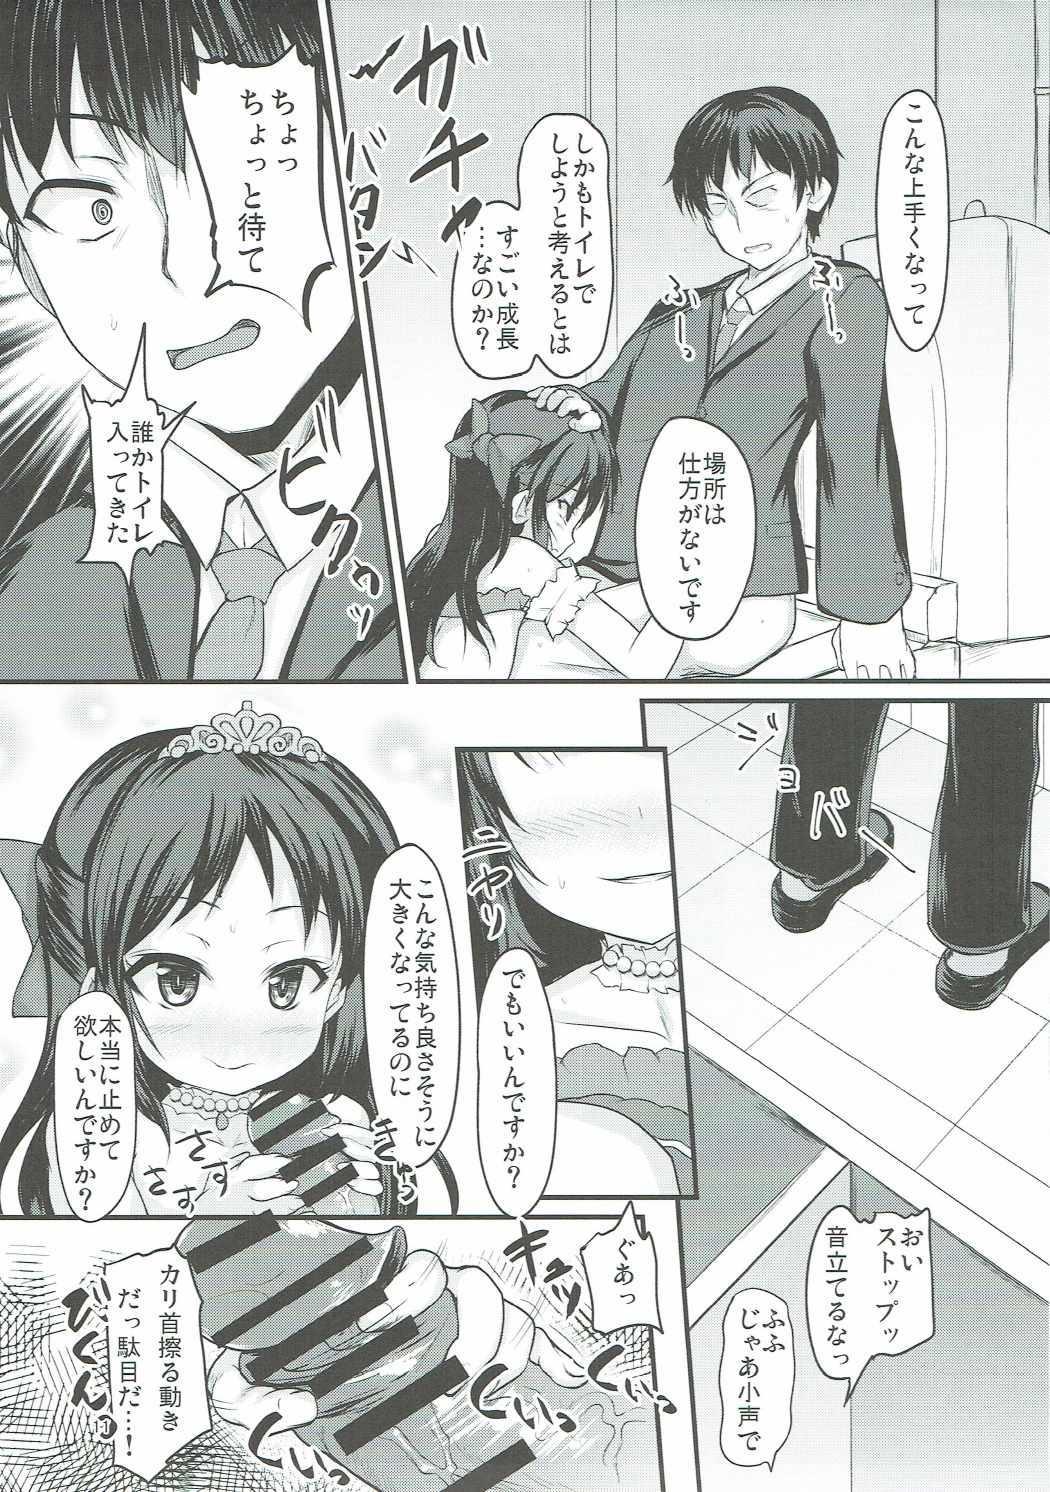 Arisu wa Motto Shiritain desu 9